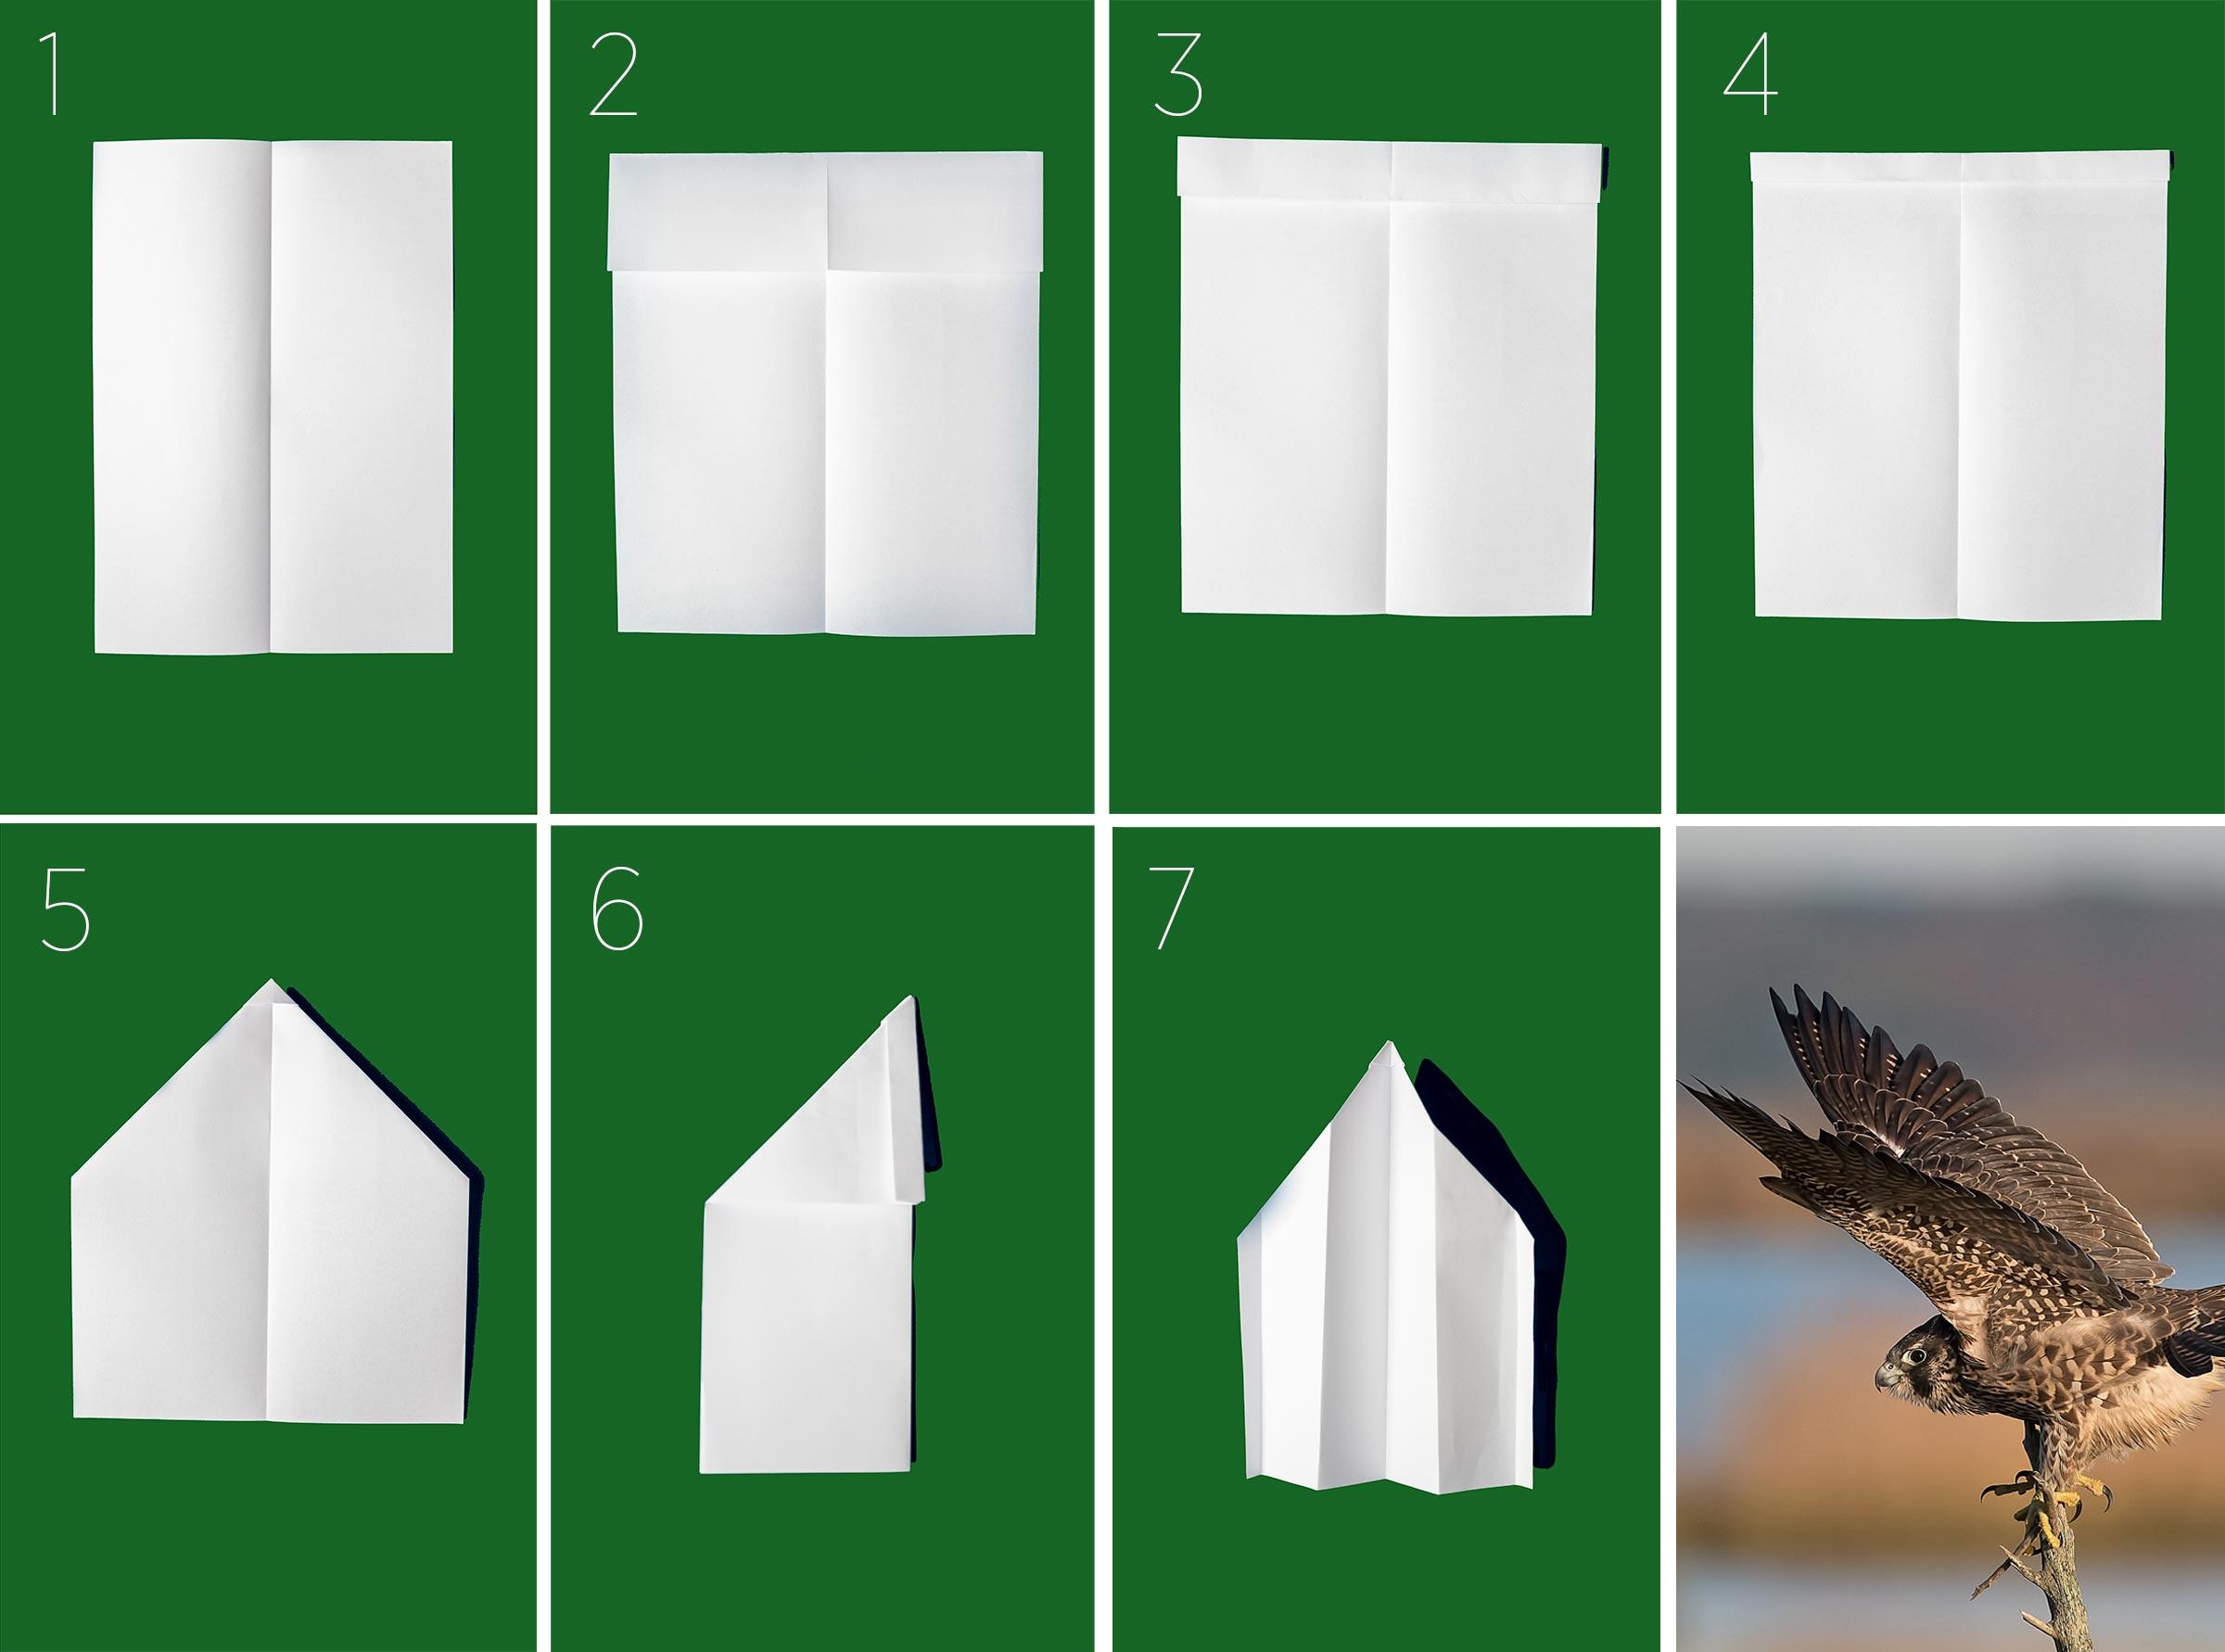 Direcciones para doblar un avion de papel como un Halcón Peregrino. Todos los fotos de los aviones de papel: Camilla Cerea/Audubon. Halcón Peregrino. Foto: Thomas Sangemino/Premios de Fotografía Audubon.